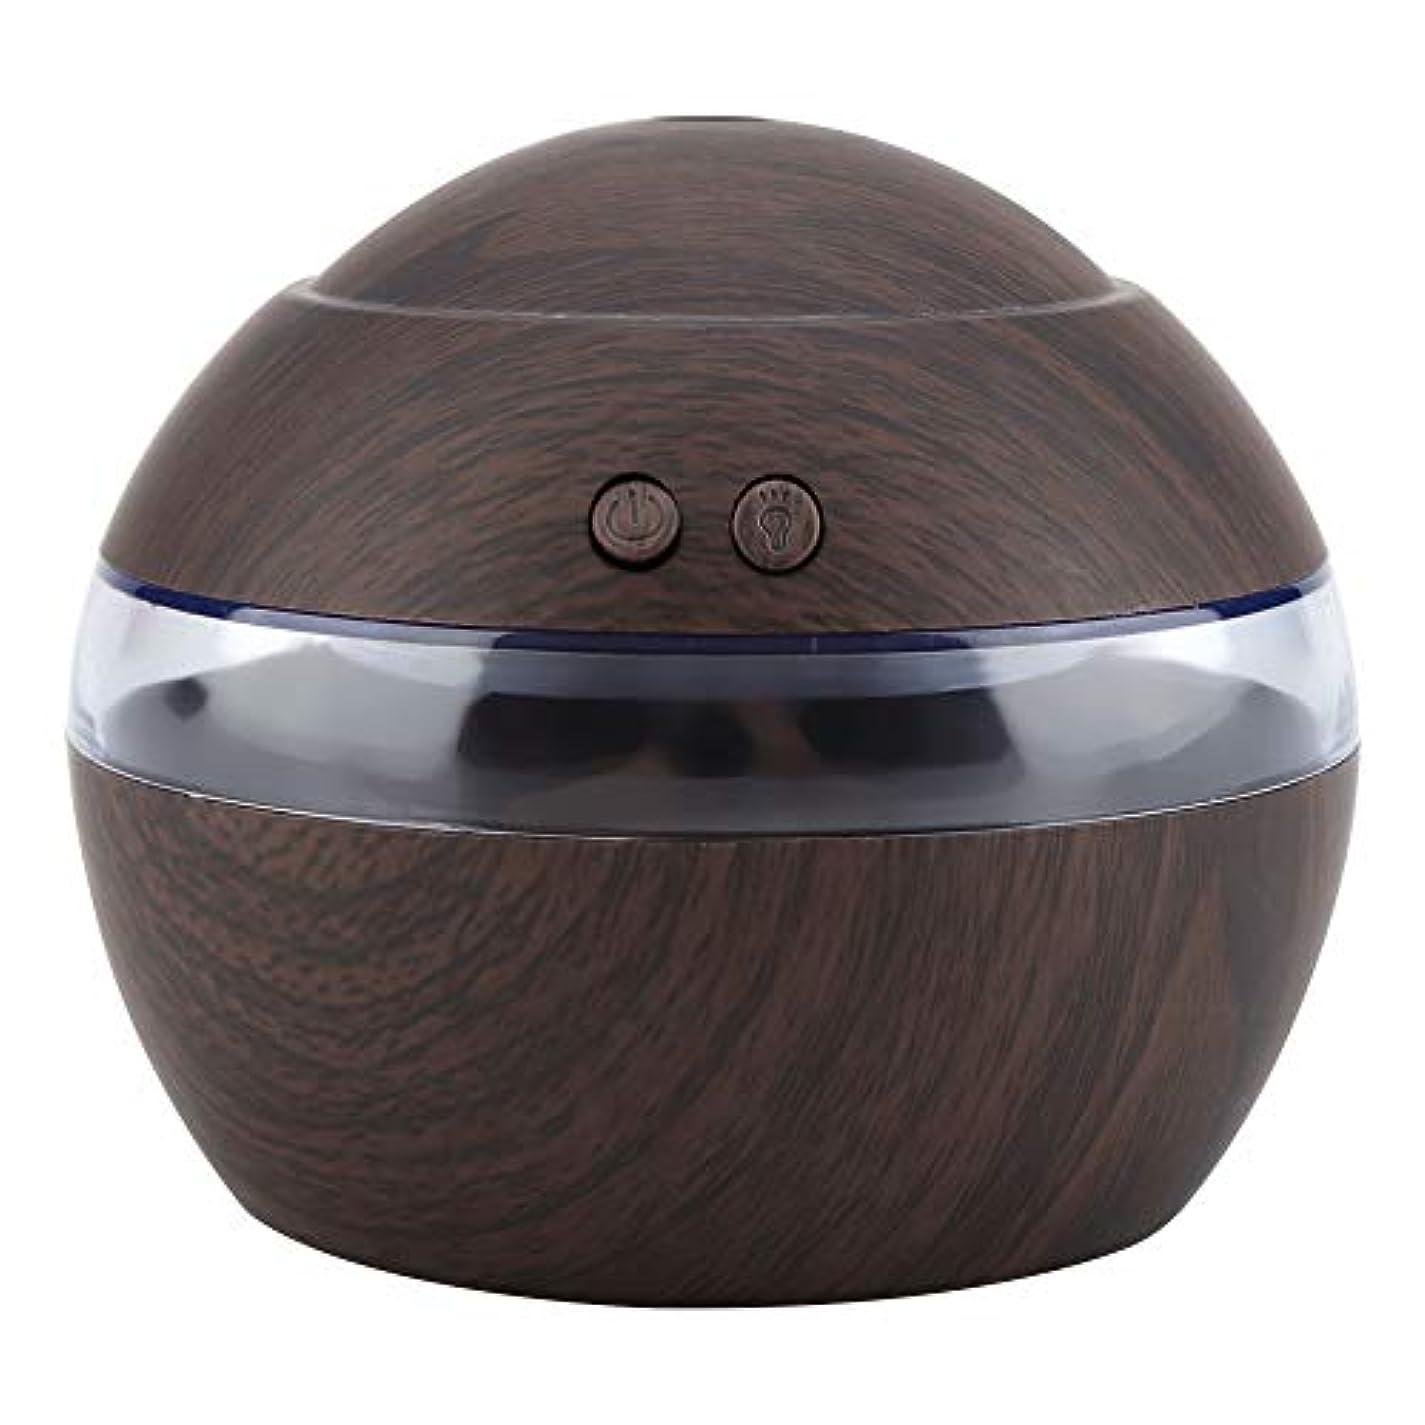 一方、小康嘆くエッセンシャルオイルディフューザー、300ml USBクールミスト加湿器かなりアロマセラピーアロマオイル加湿器気化器ライト付き(ダークウッド)